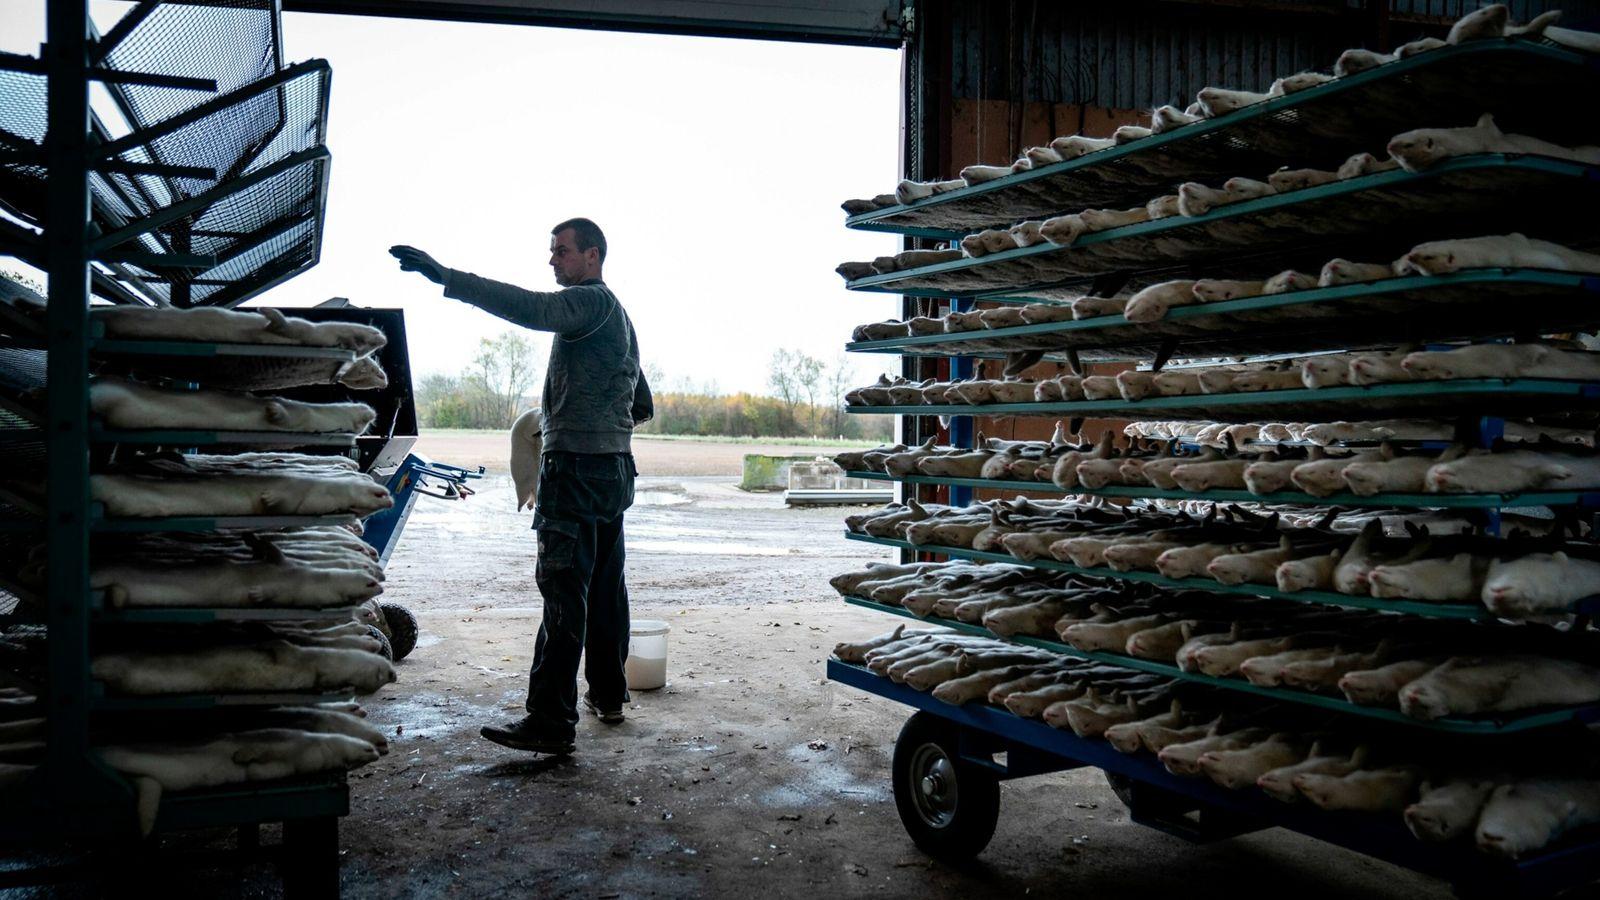 A Dinamarca abateu todos os seus visons de criadouros no ano passado, milhões de animais, depois ...